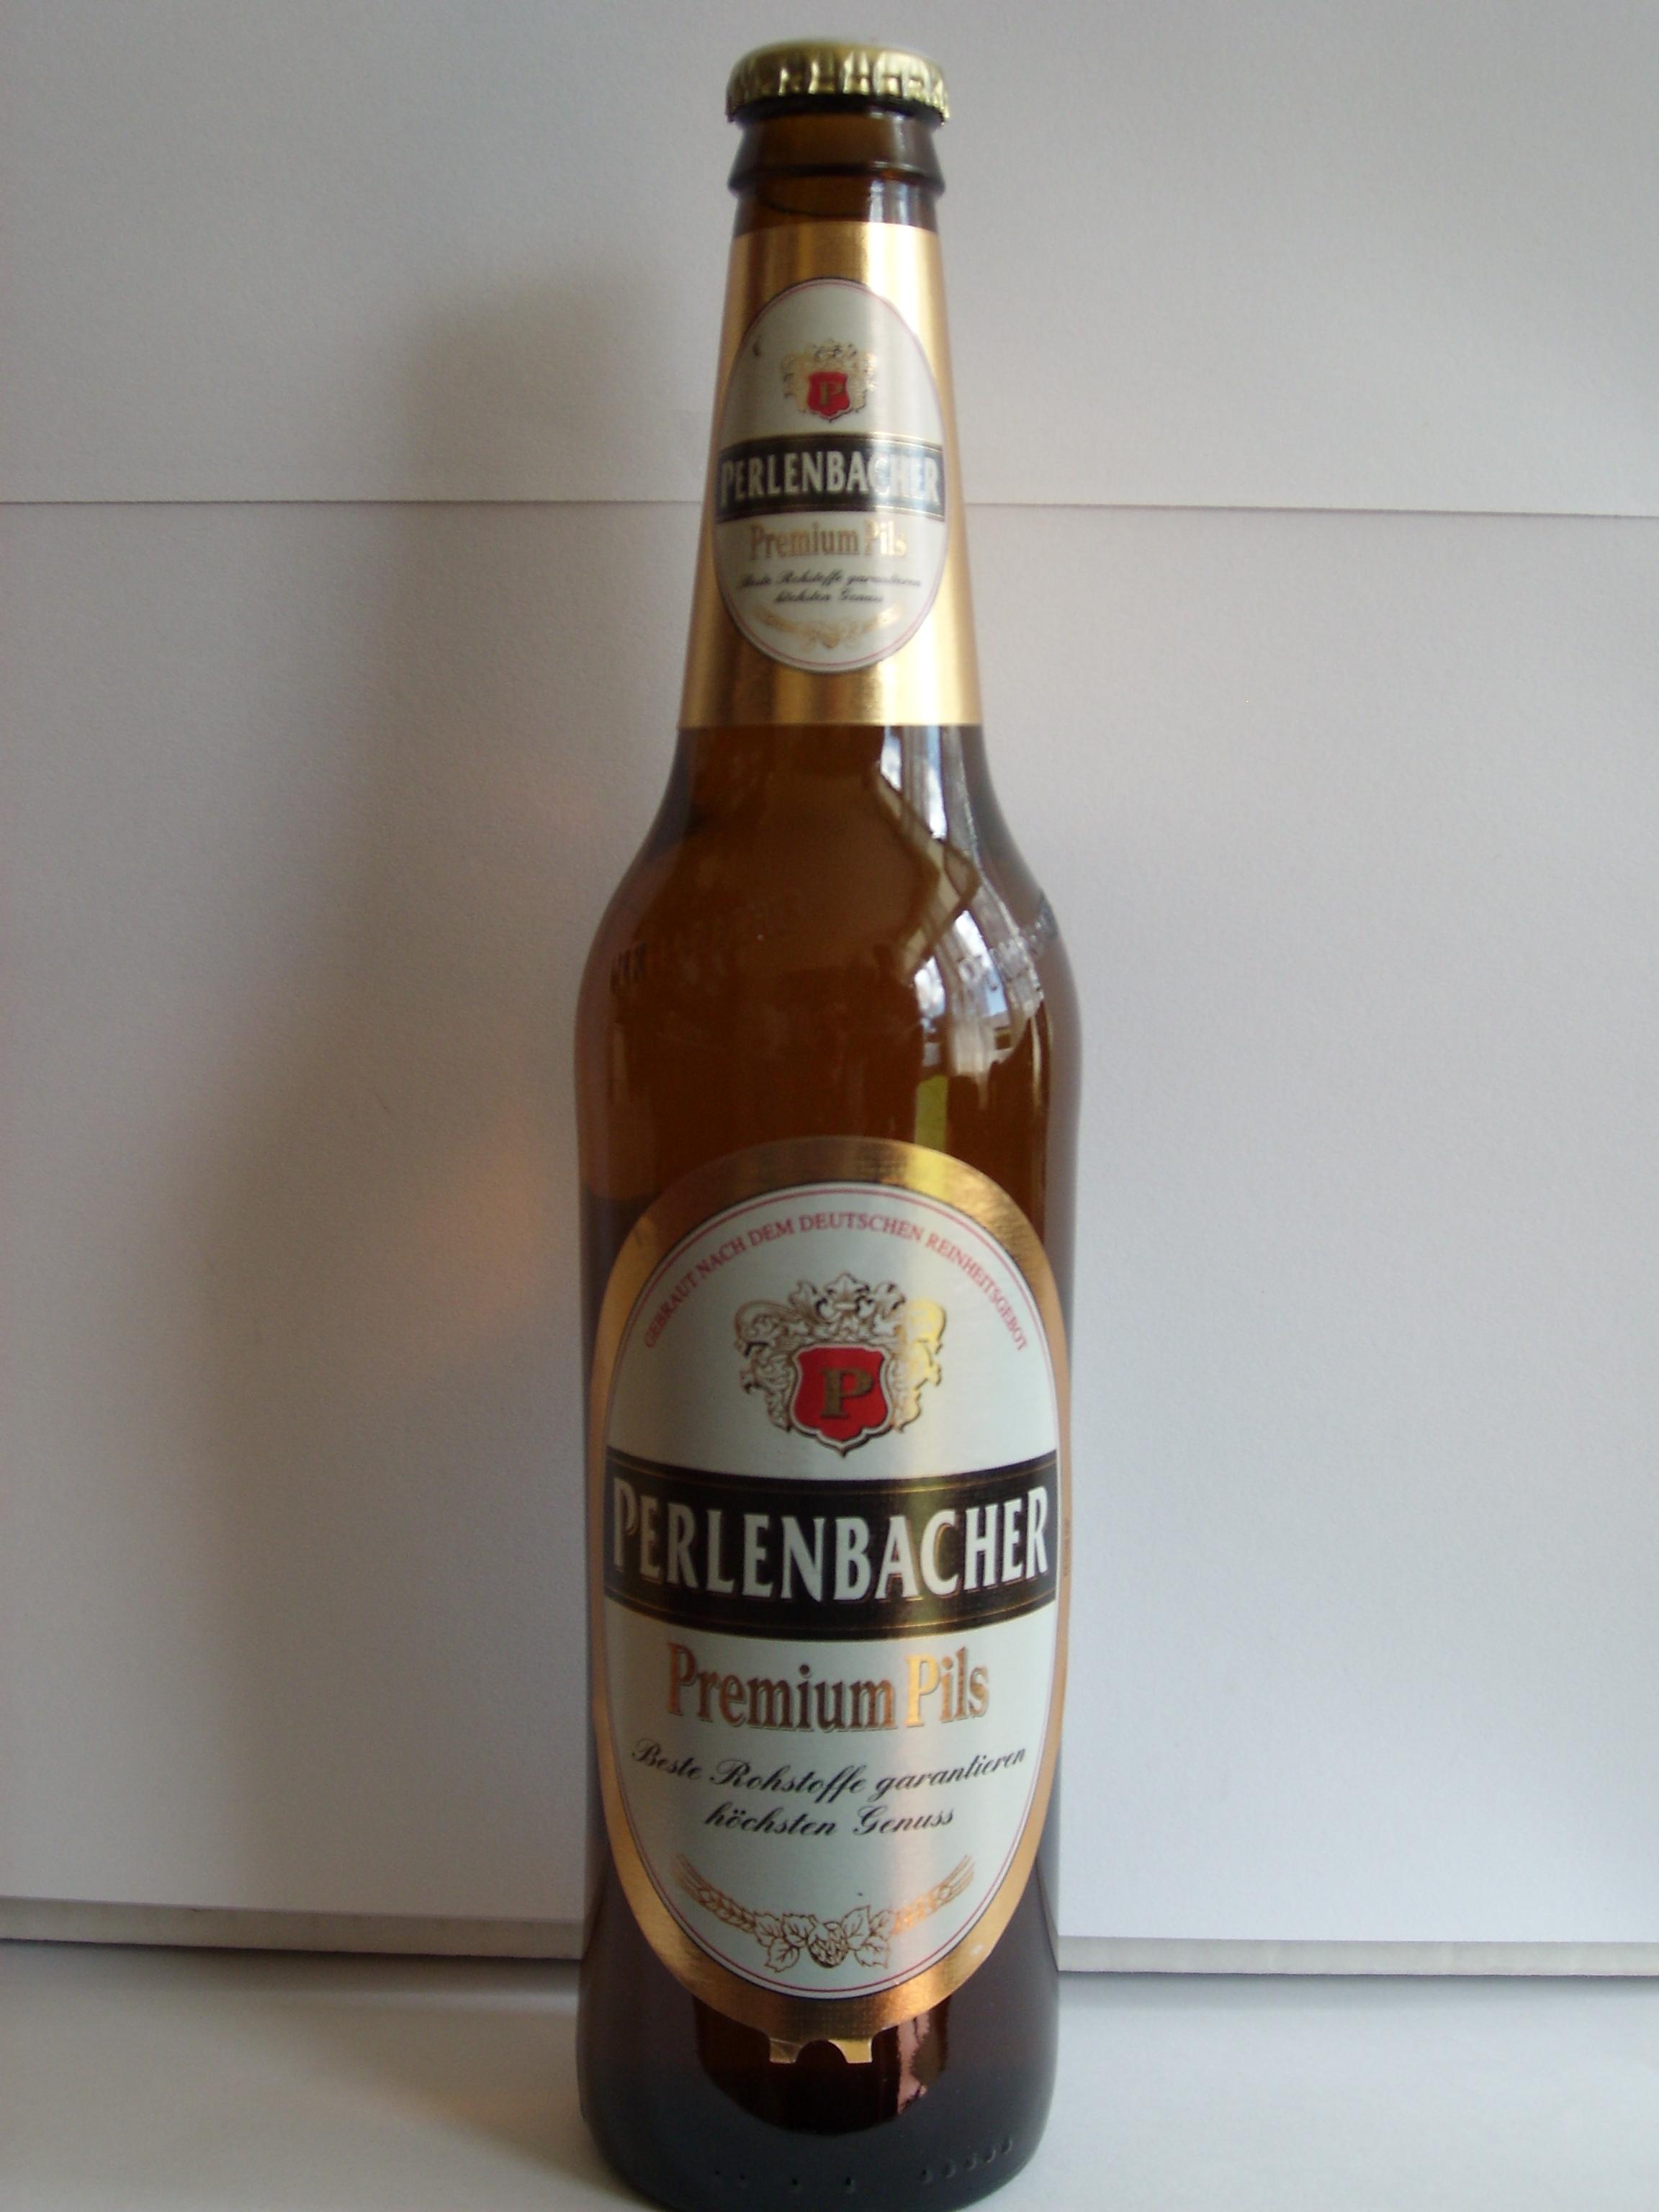 perlenbacher.jpg